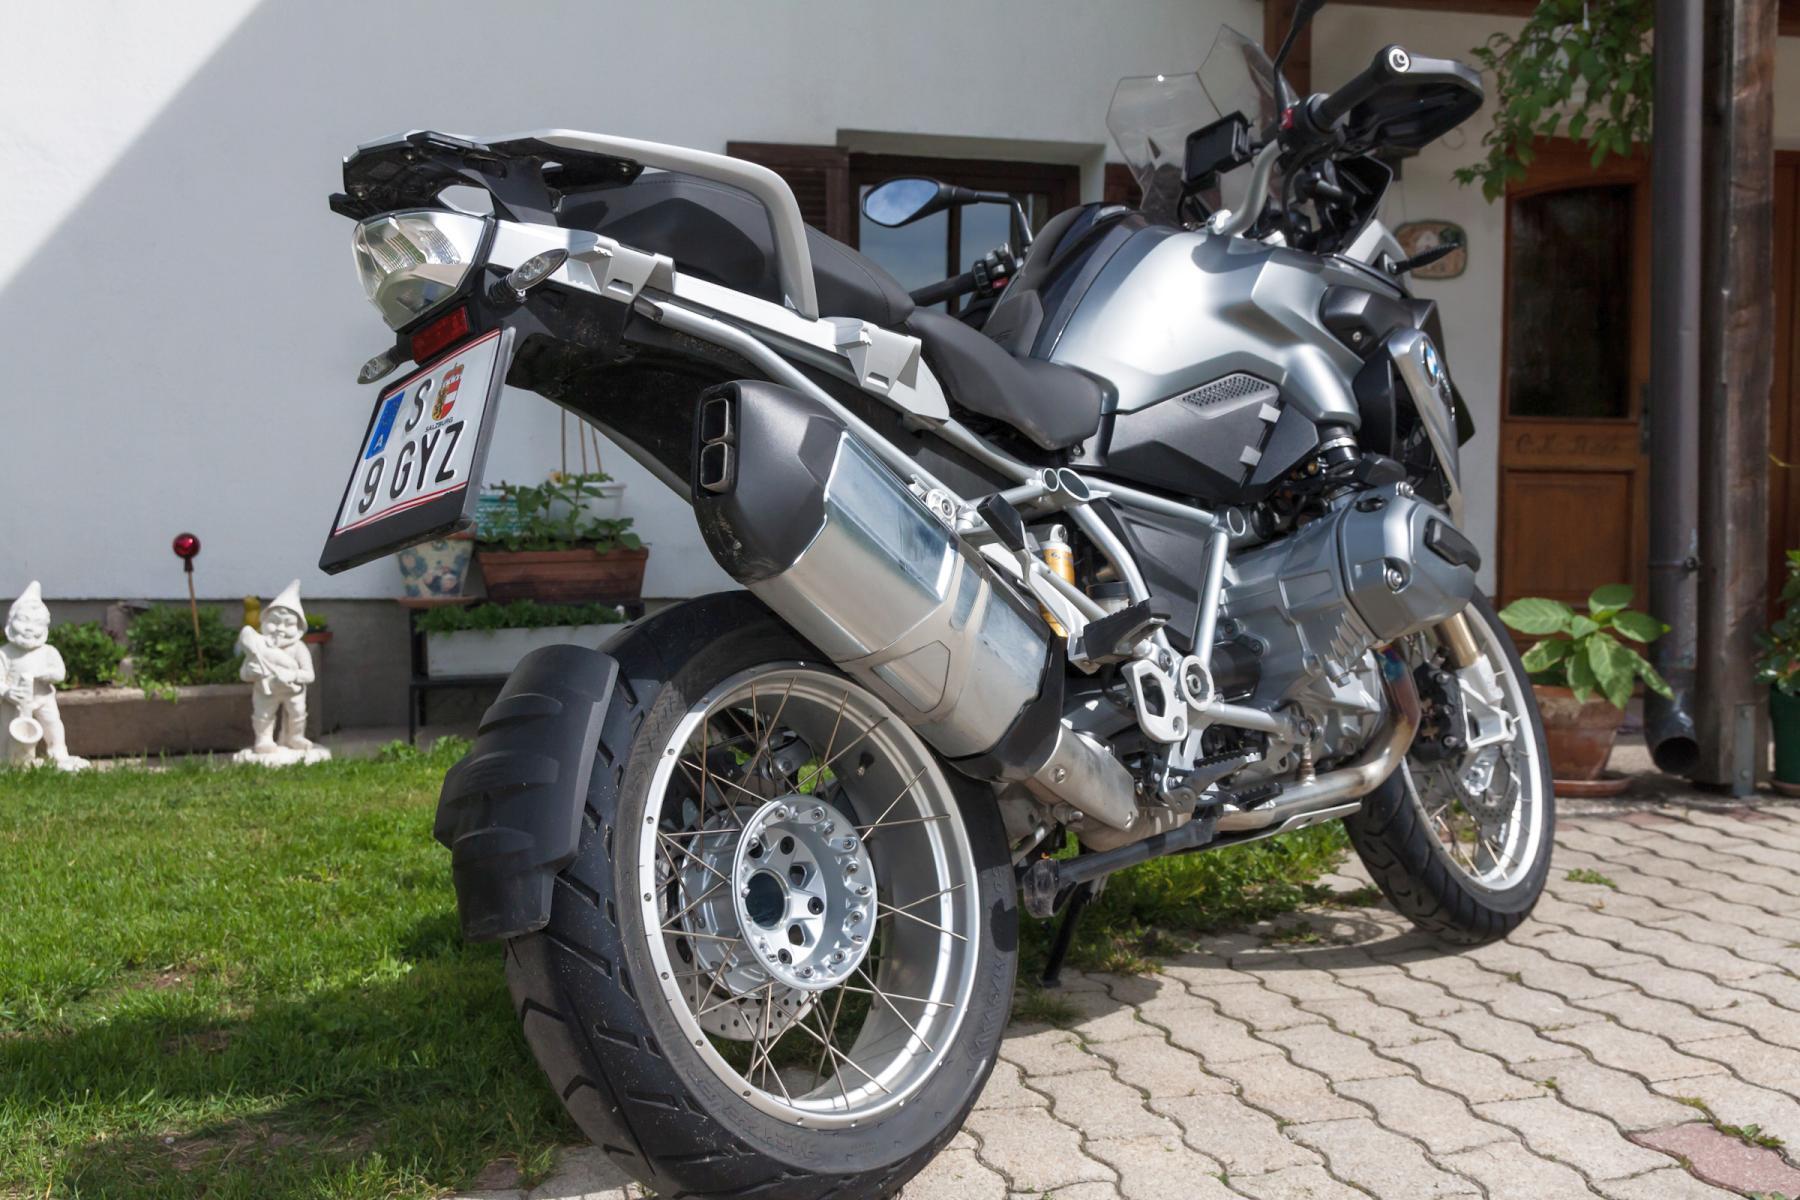 bmw r 1200 gs tuning projekt teil 2 motorrad fotos amp motorrad bilder